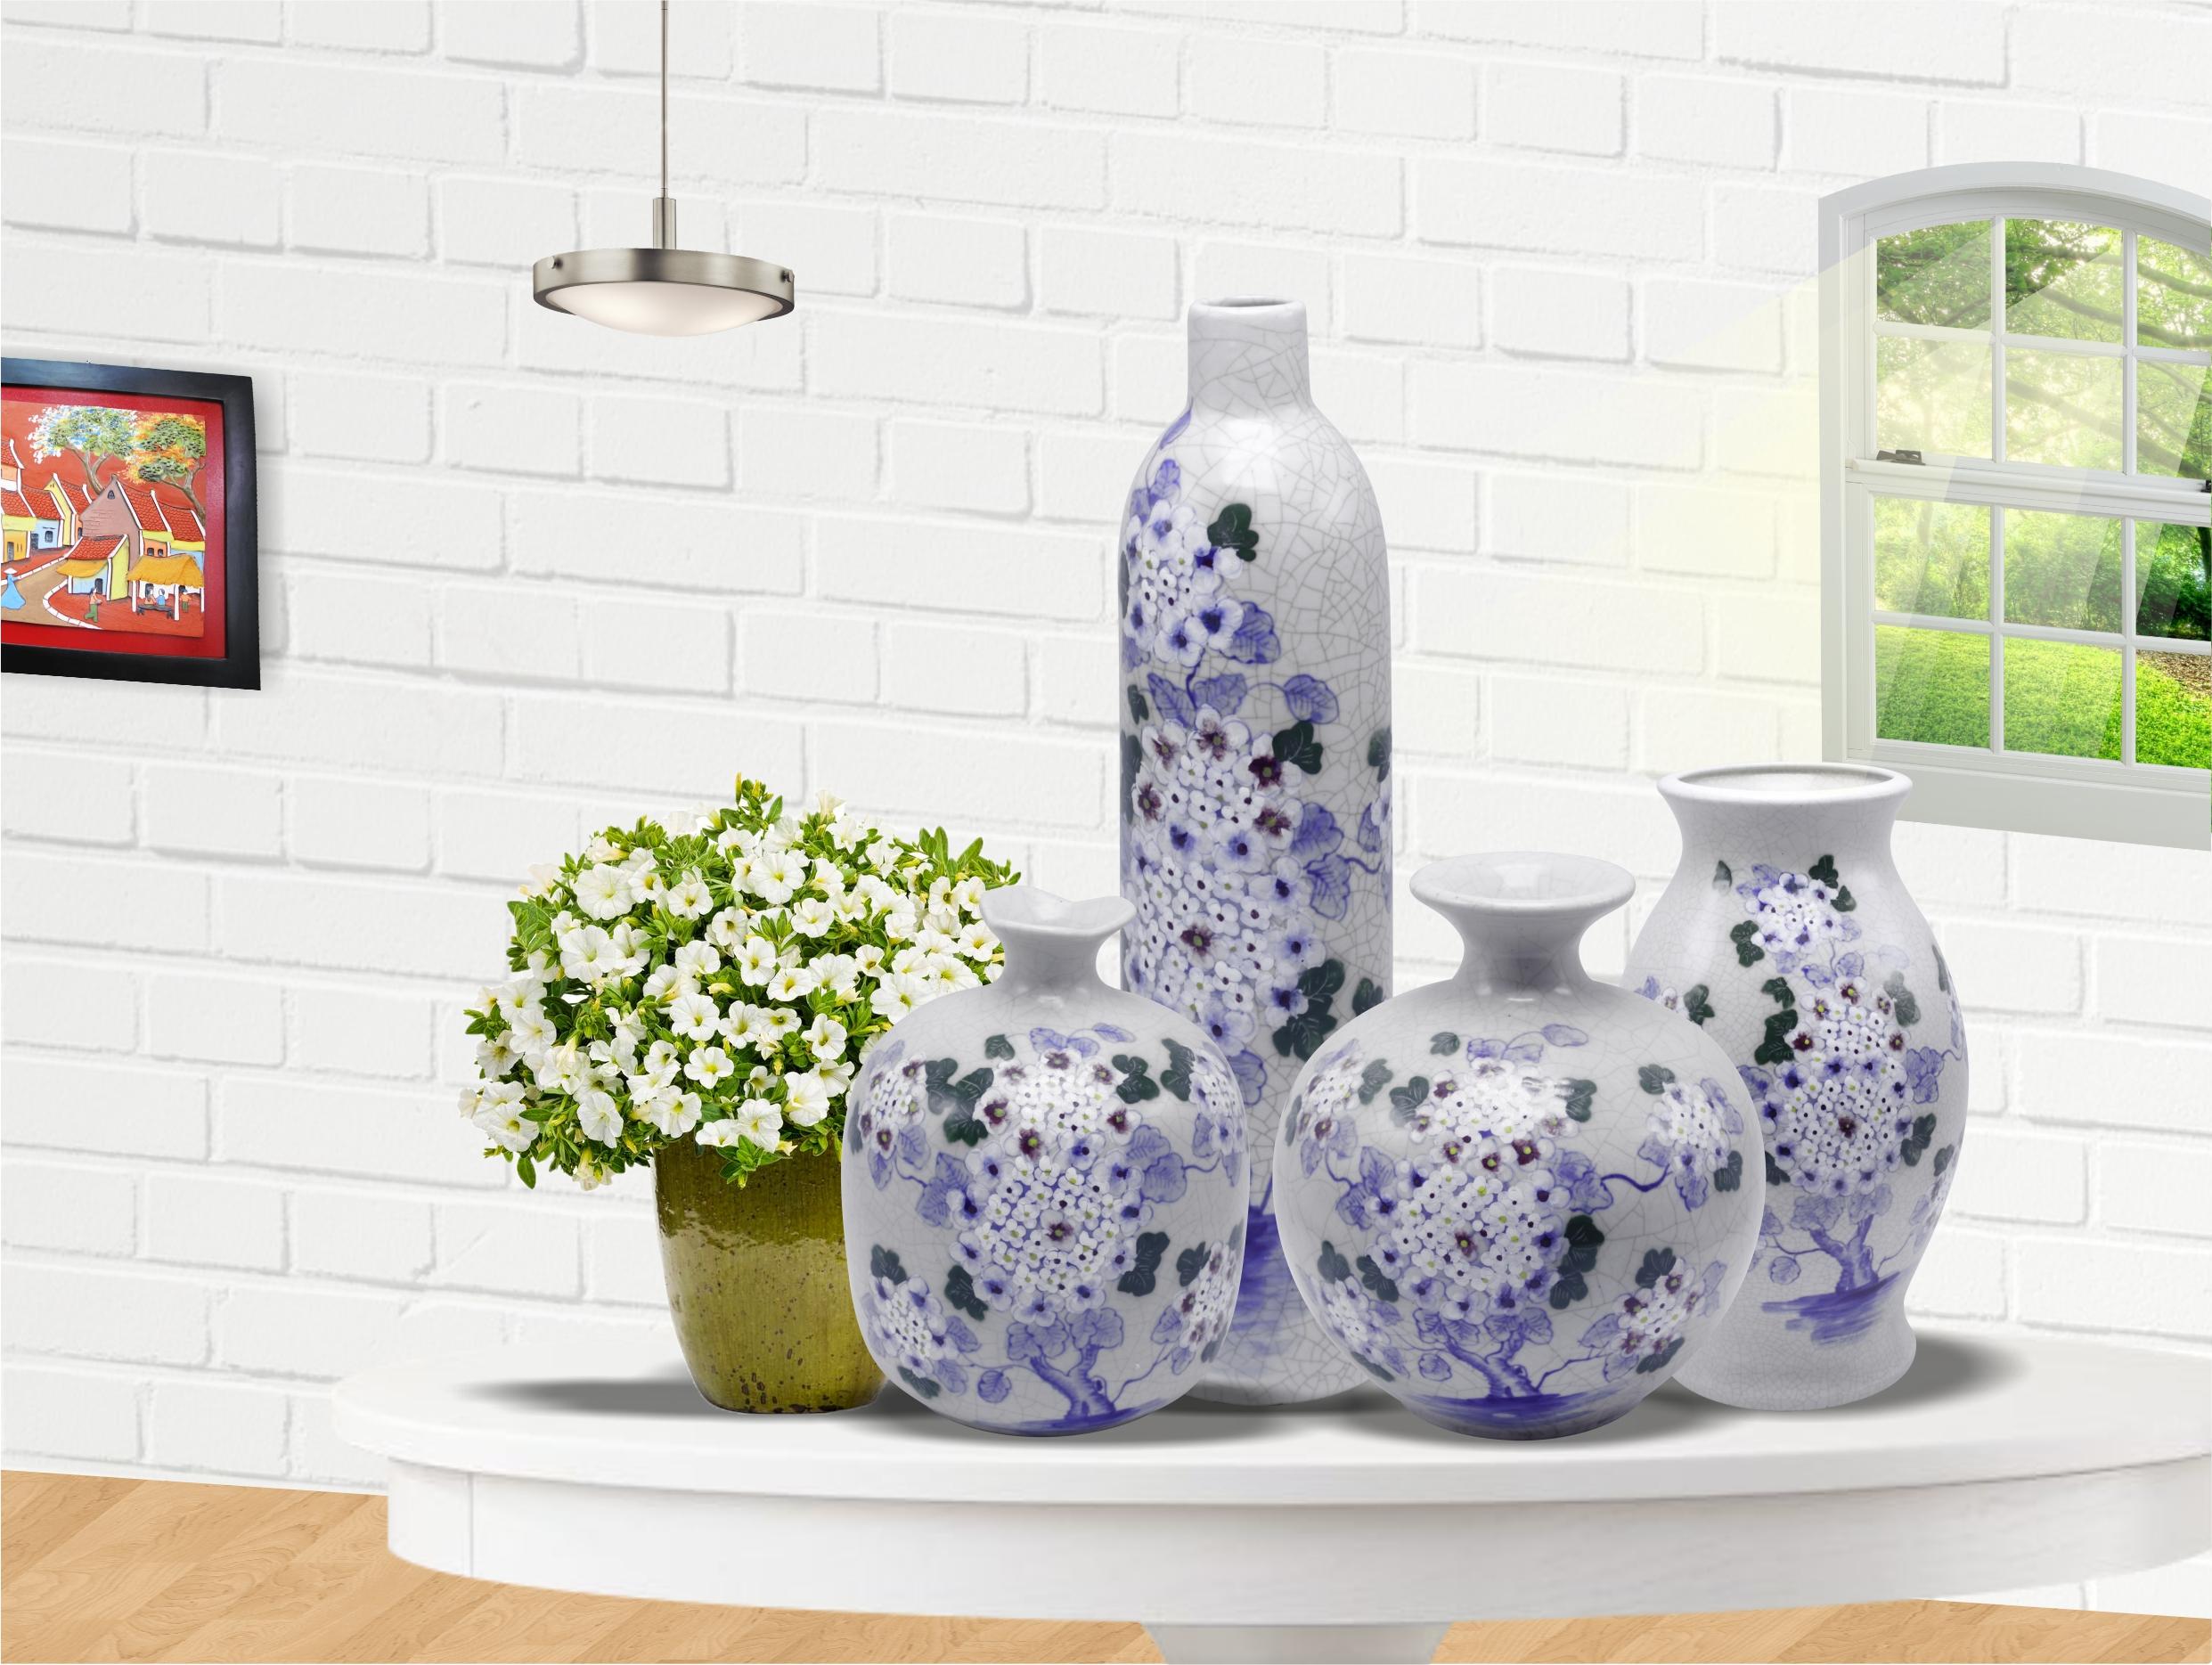 Bình hoa trang trí gốm sứ Bát Tràng với họa tiết trang nhã tạo không gian sang trọng